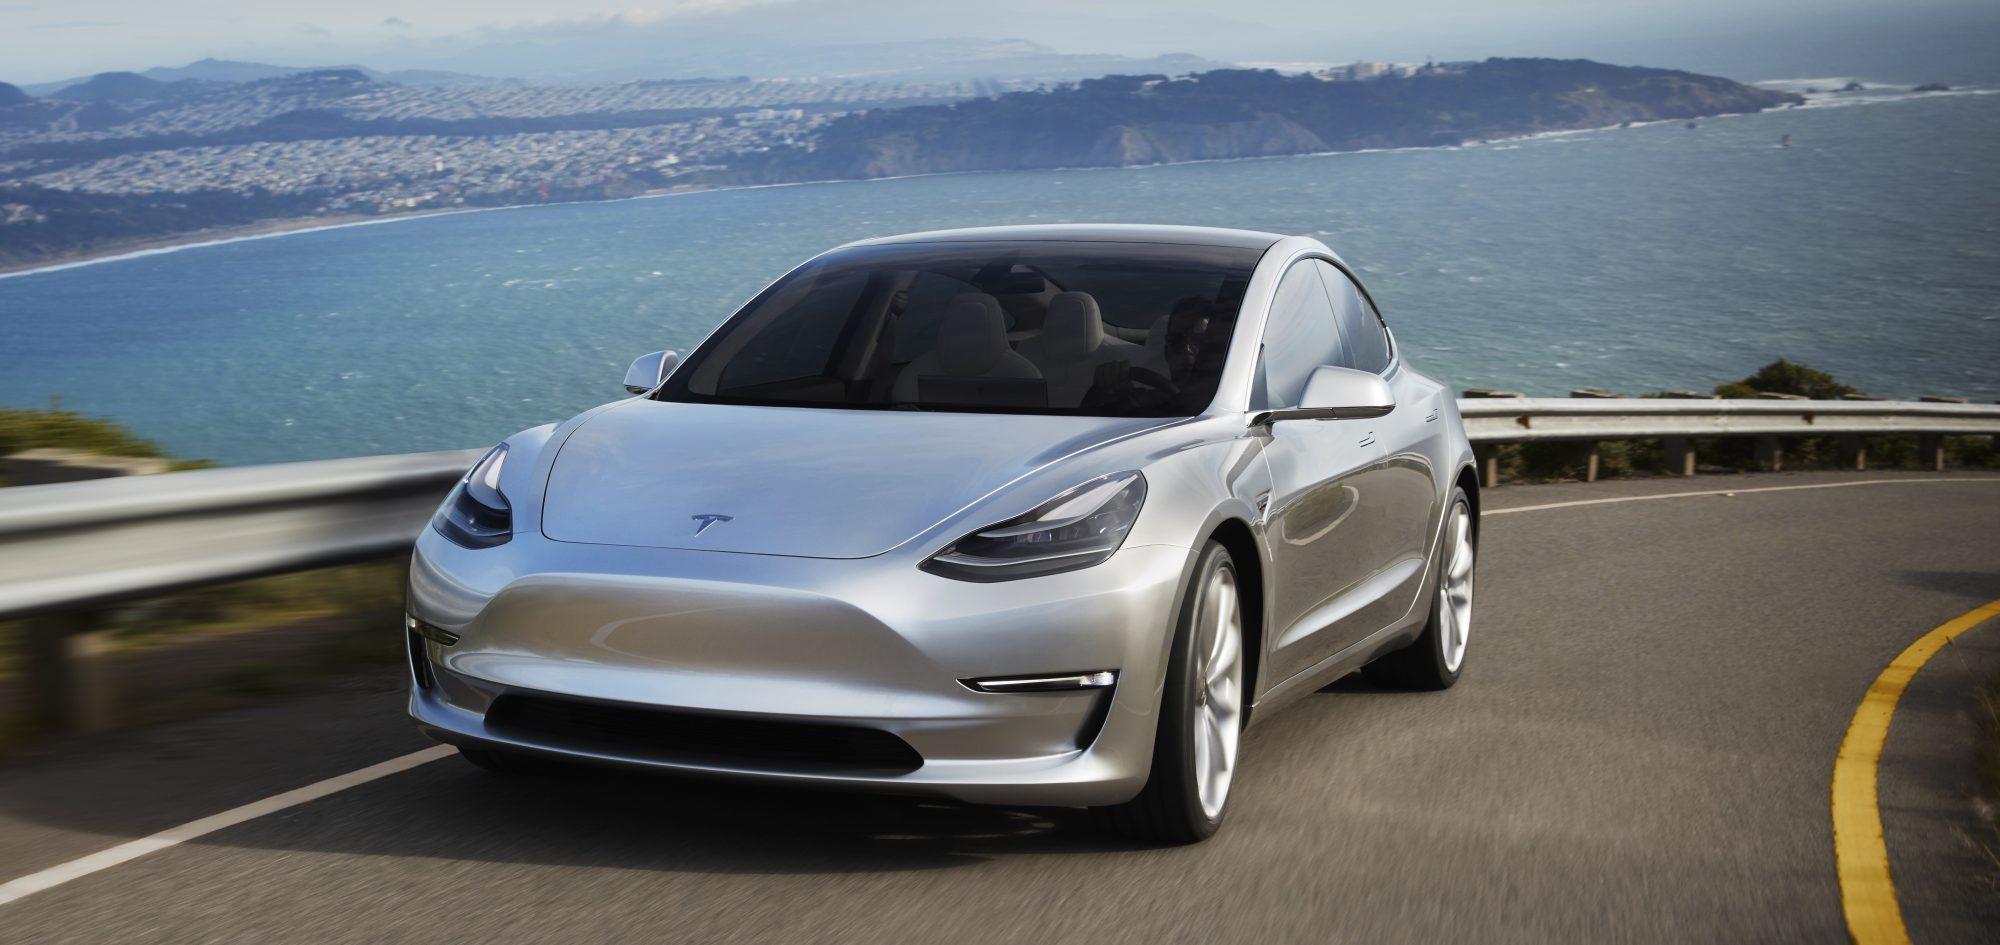 Tesla Model 3: все, что сейчас известно об этой модели электромобиля - 1